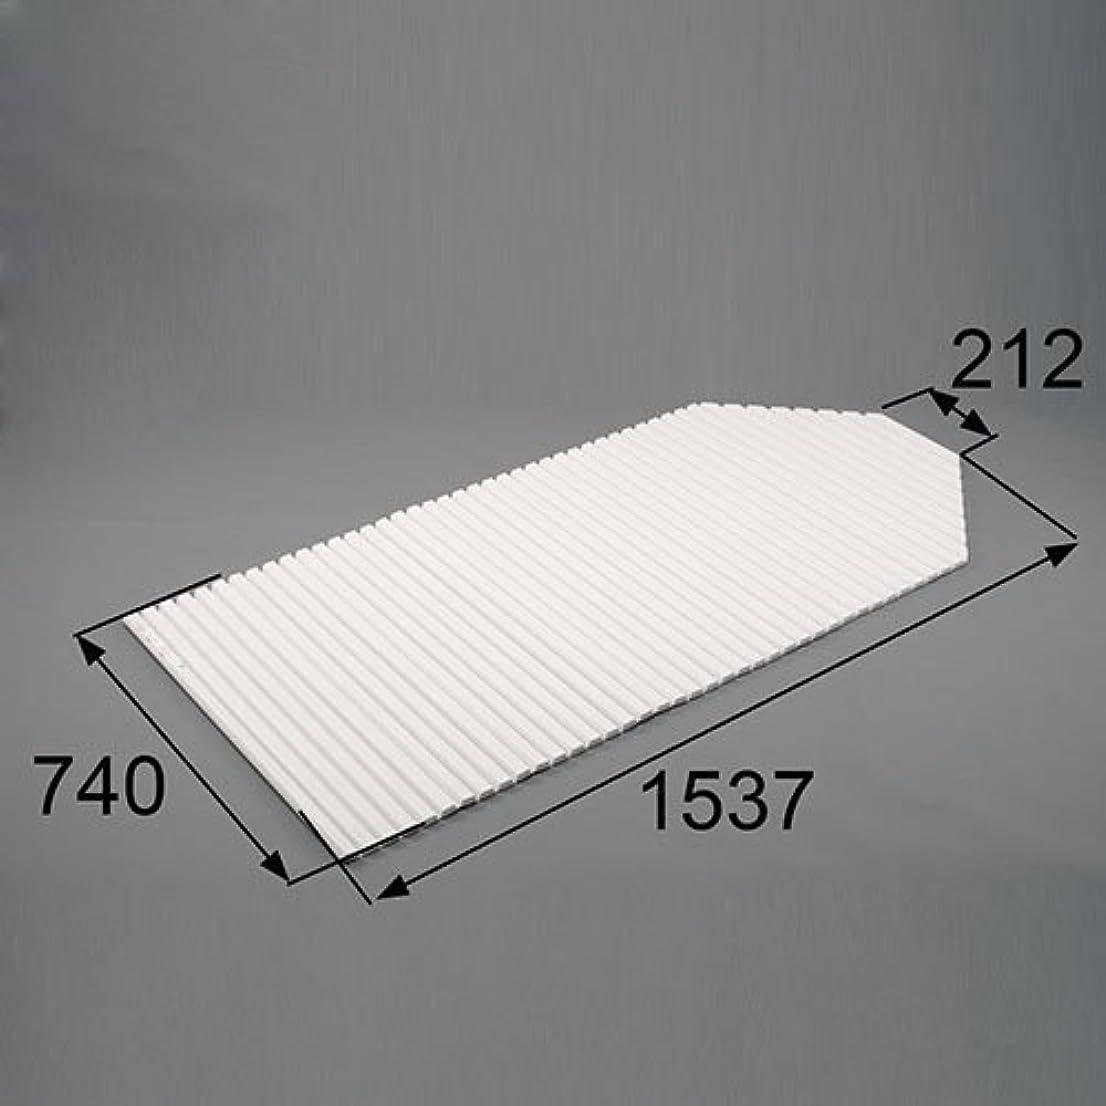 驚タフベーシックお風呂のふた トステム バスルーム 風呂ふた 巻きふた  商品コード : RGFZ101